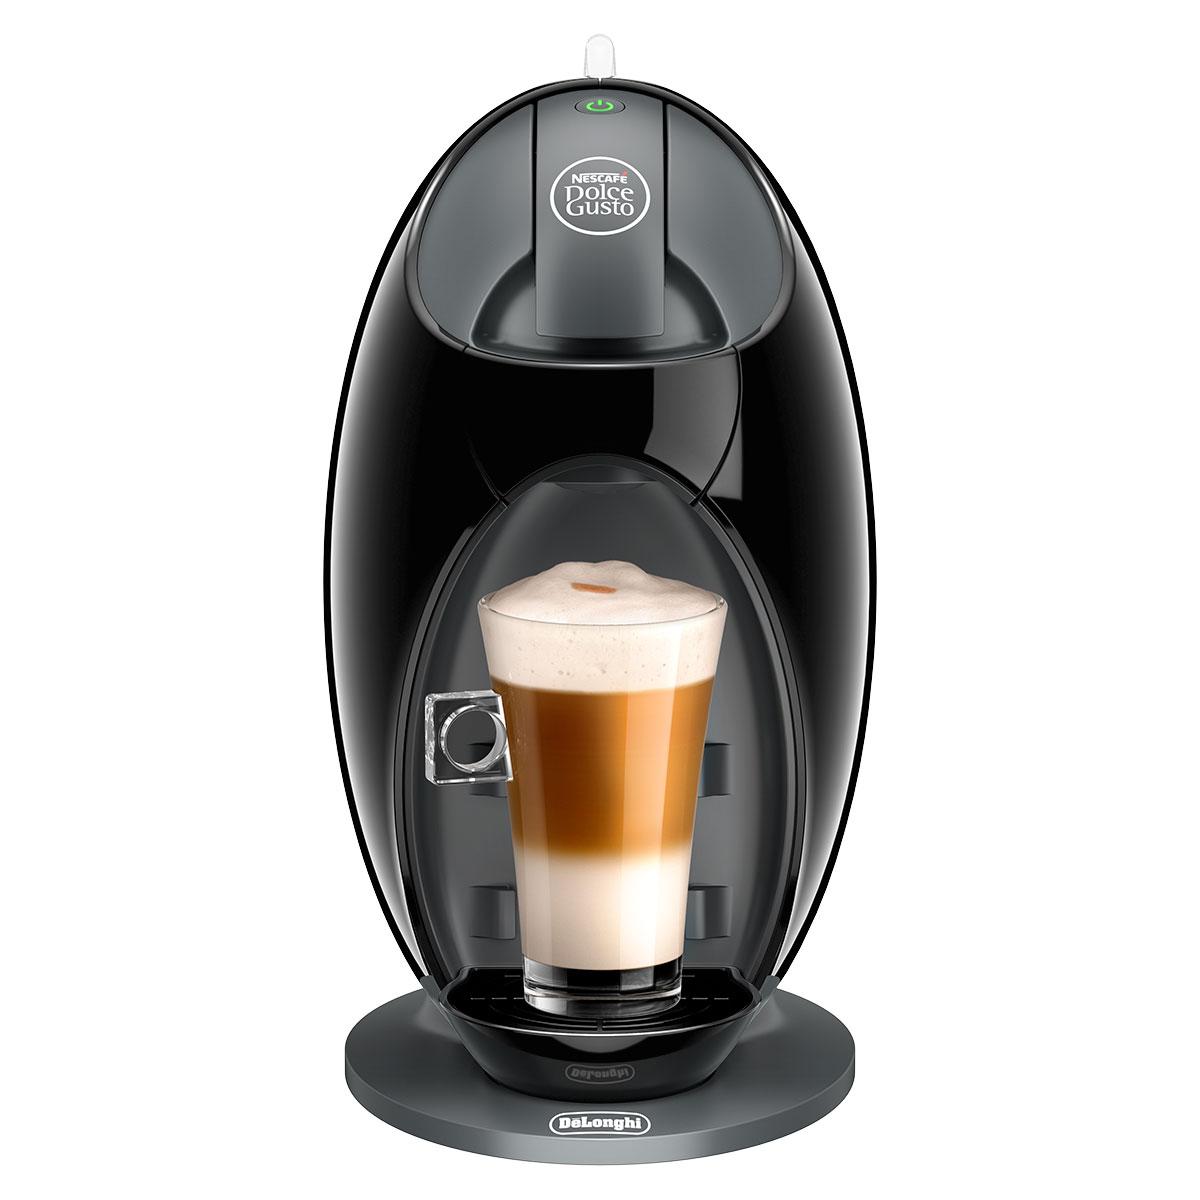 Image of   Nescafé Dolce Gusto kapselmaskine - Jovia - Sort